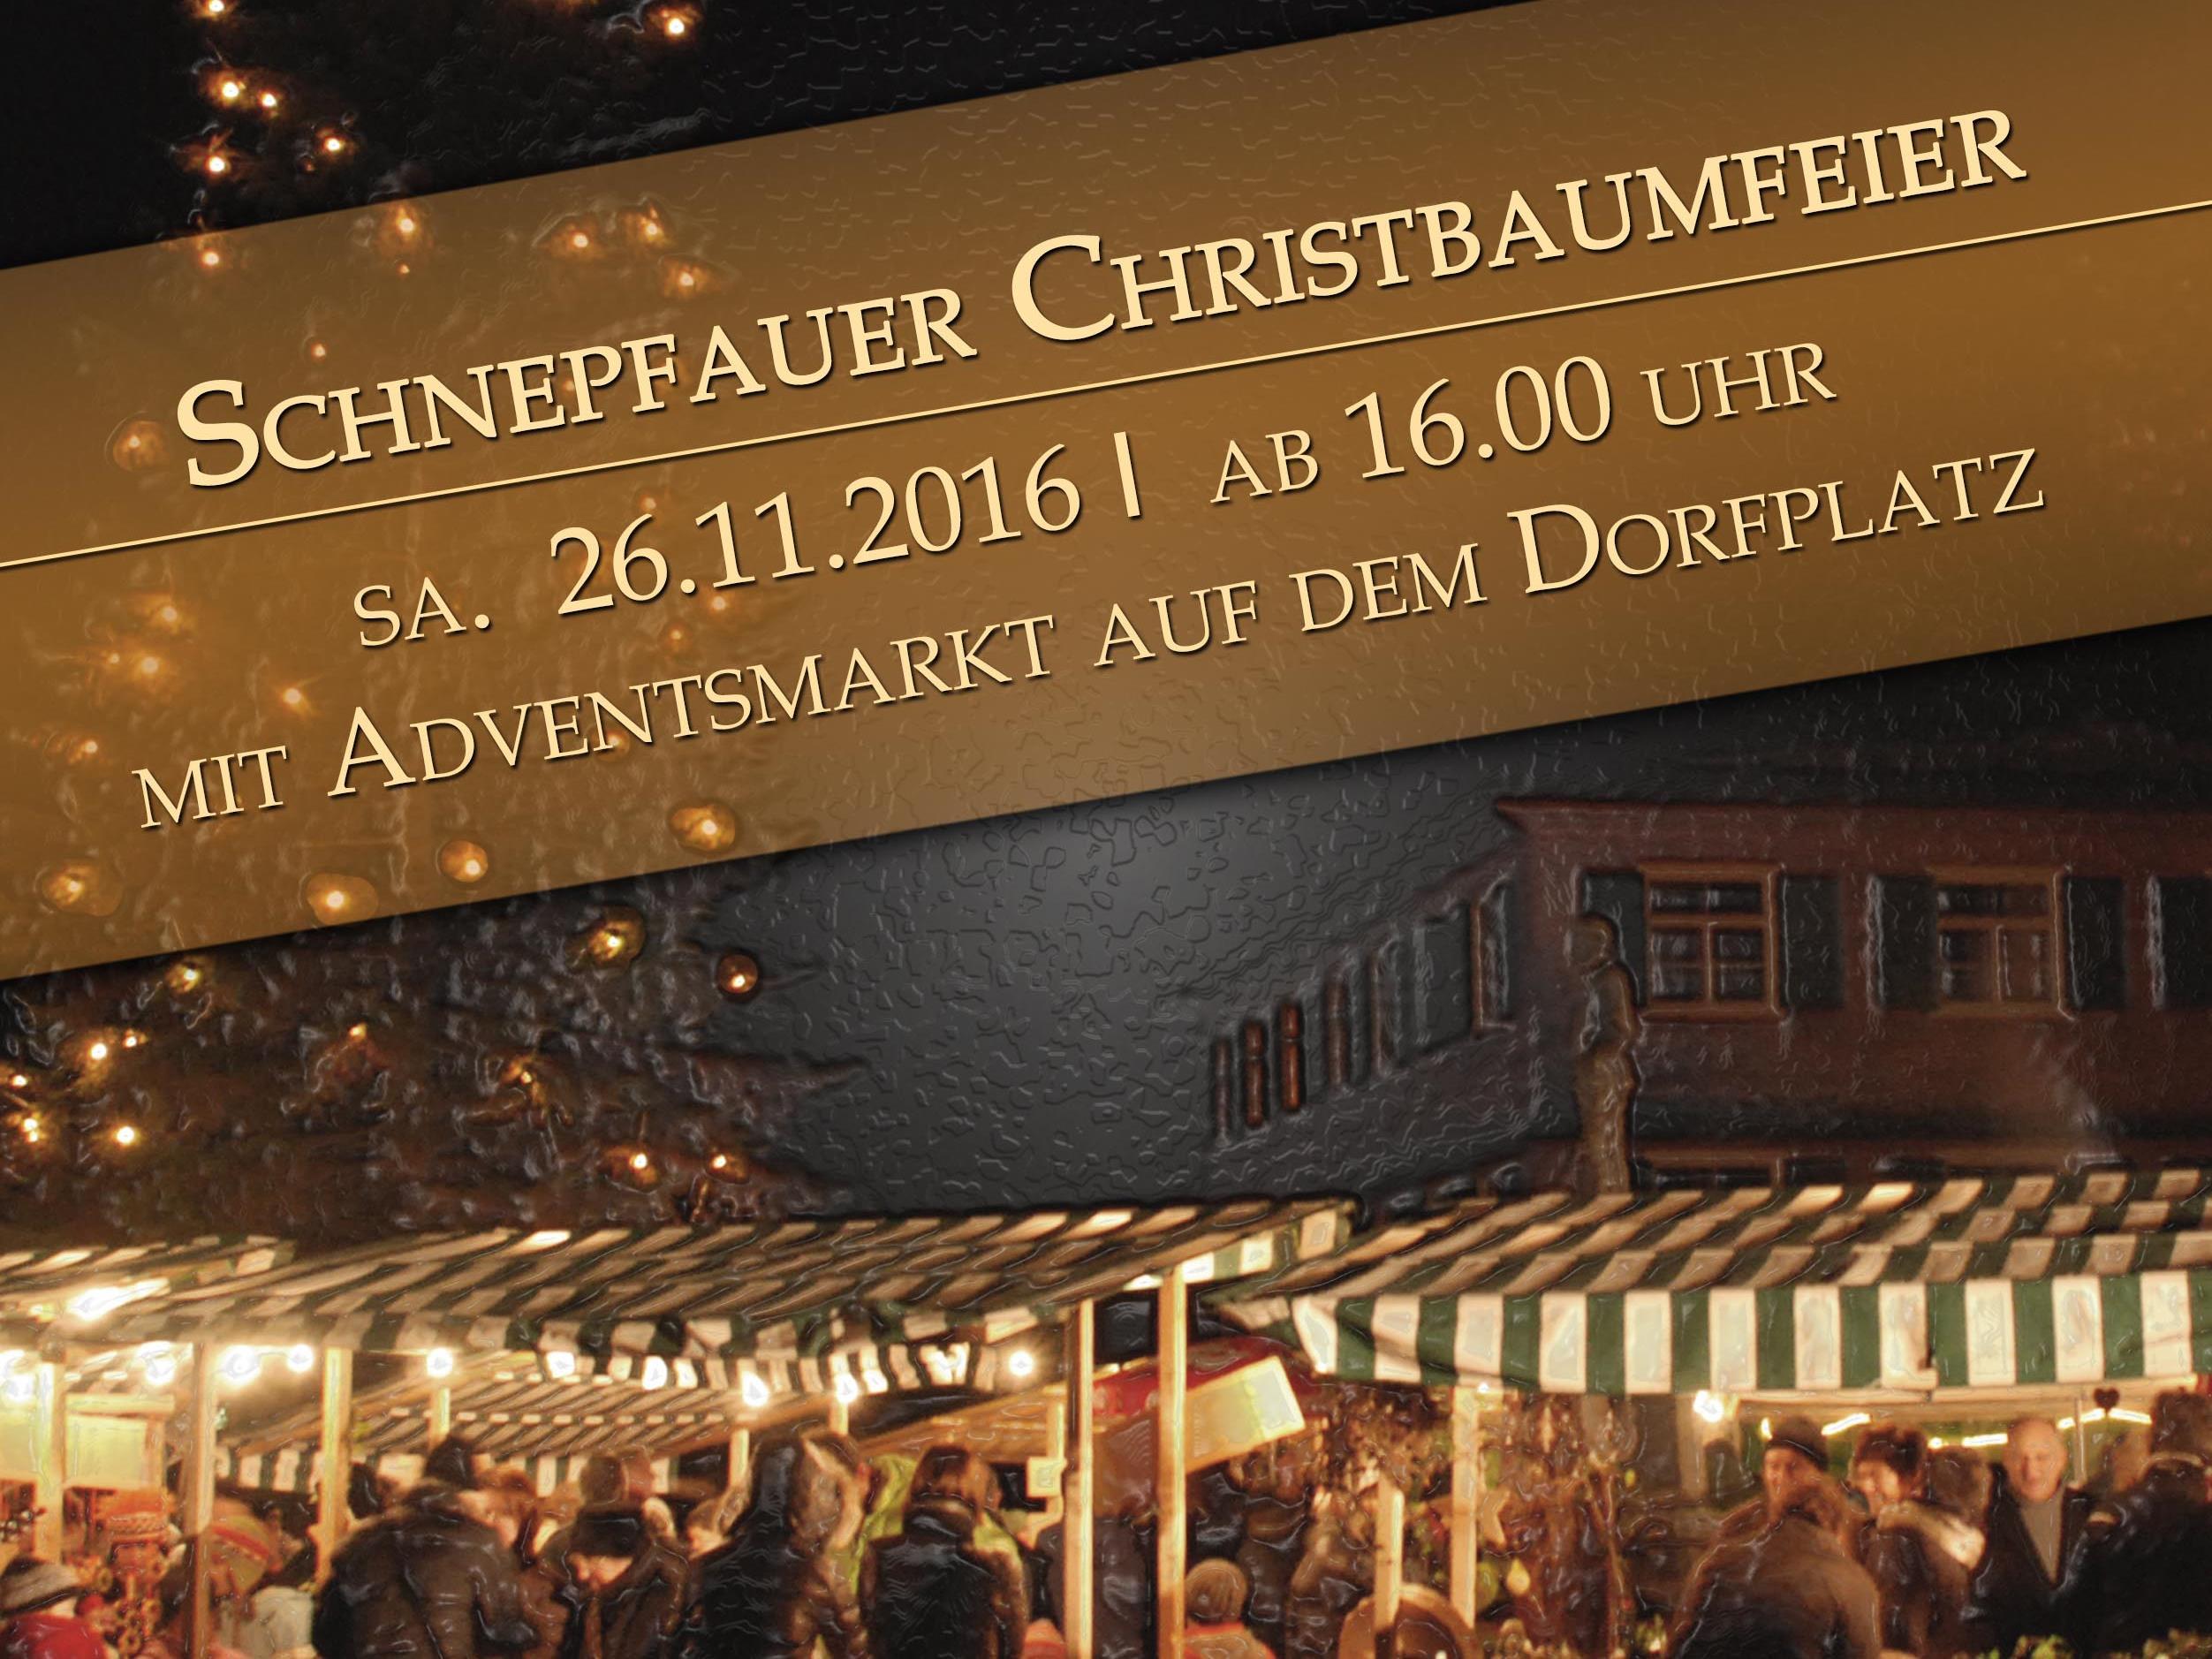 Schnepfauer Christbaumfeier